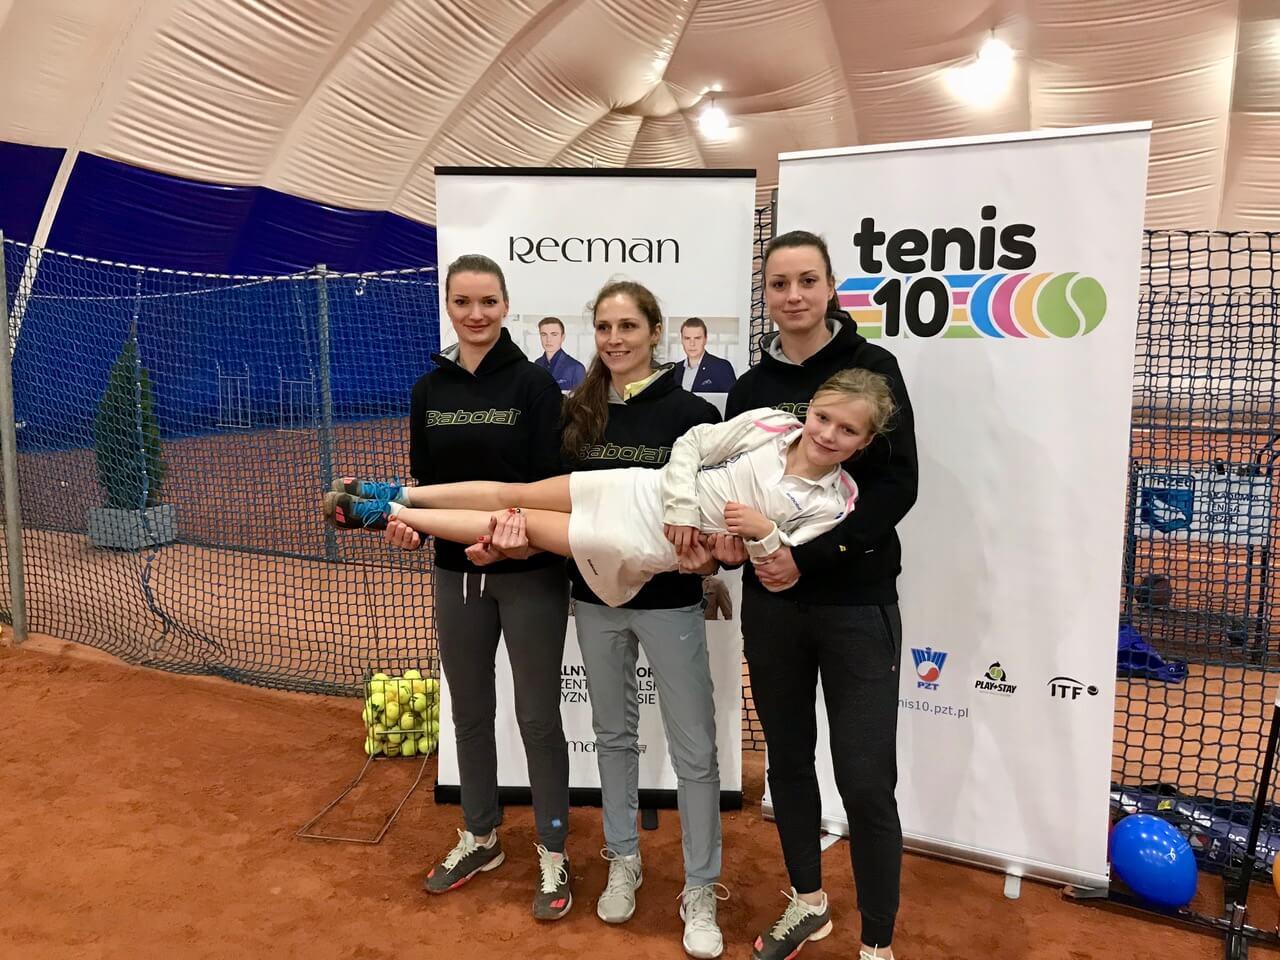 Konferencja Tenis10 wspierana przez Babolat